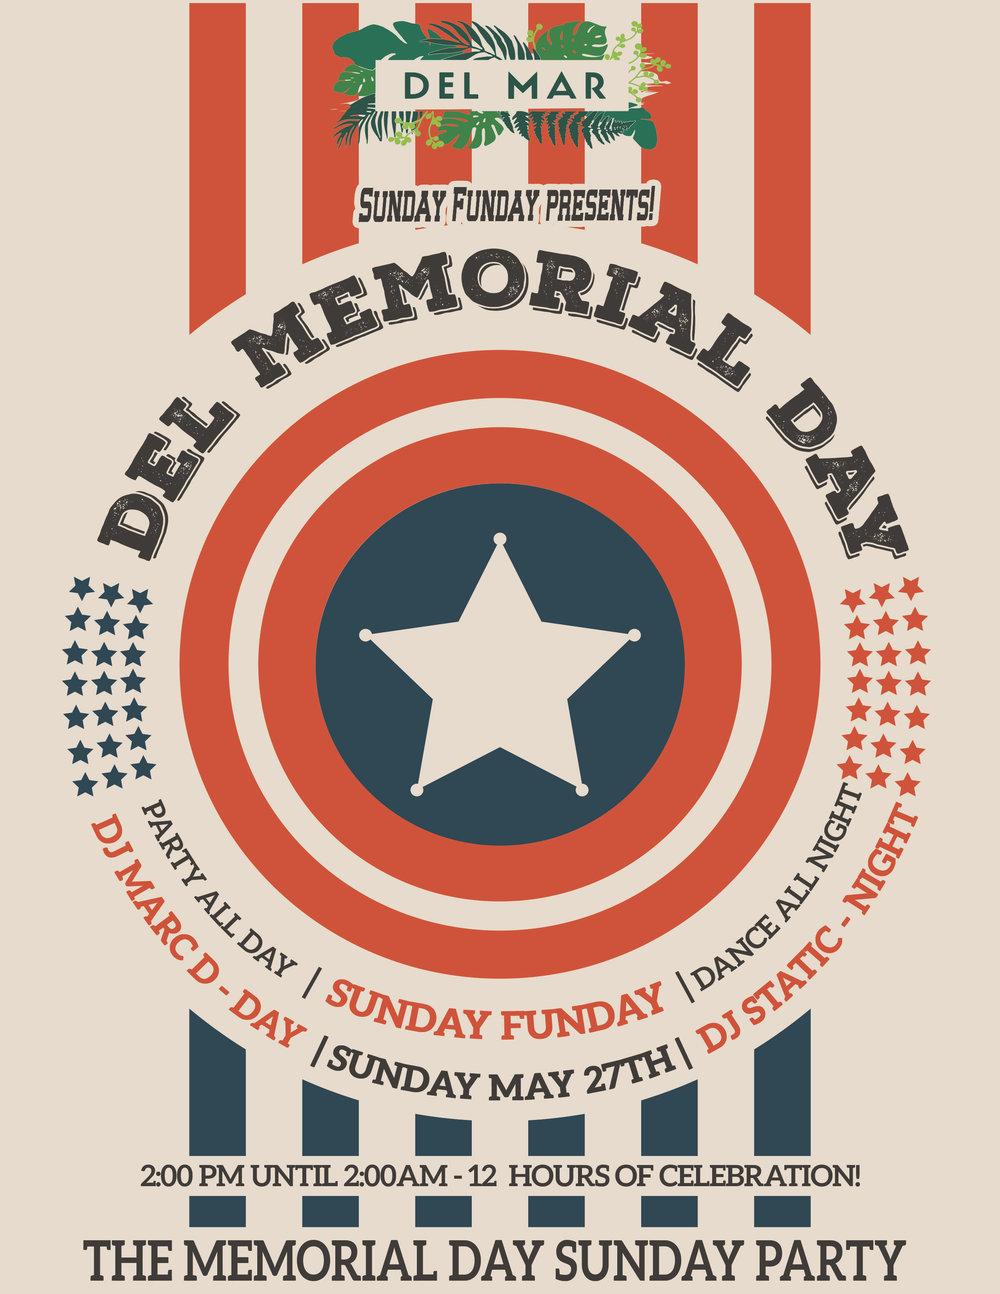 del memorial day flyer 5:27:18 PROOF (1).jpg